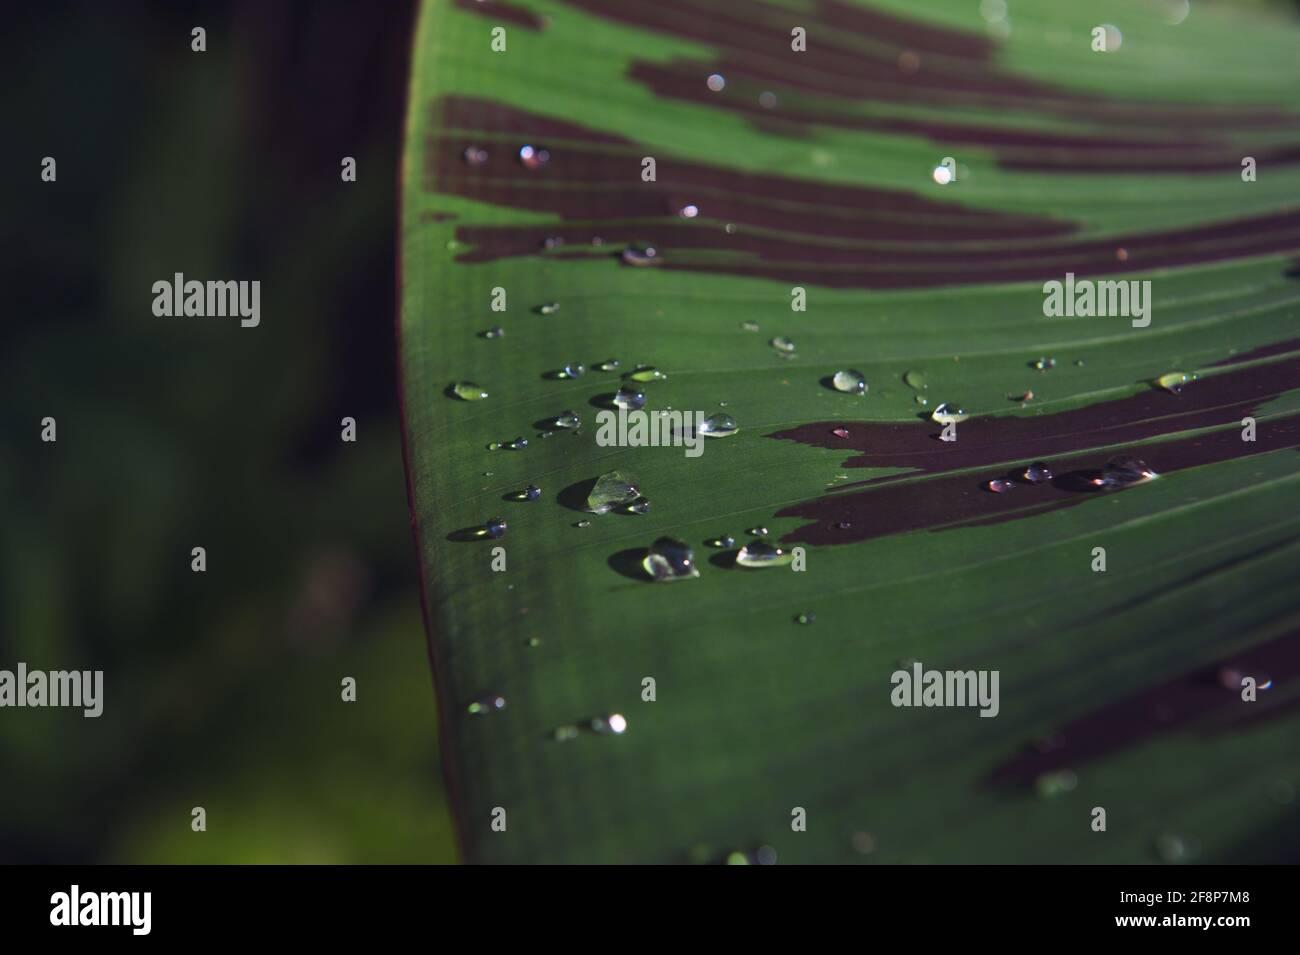 Feuille verte avec gouttes d'eau dans la lumière du soleil. Texture d'arrière-plan de la nature. Mise au point sélective Banque D'Images